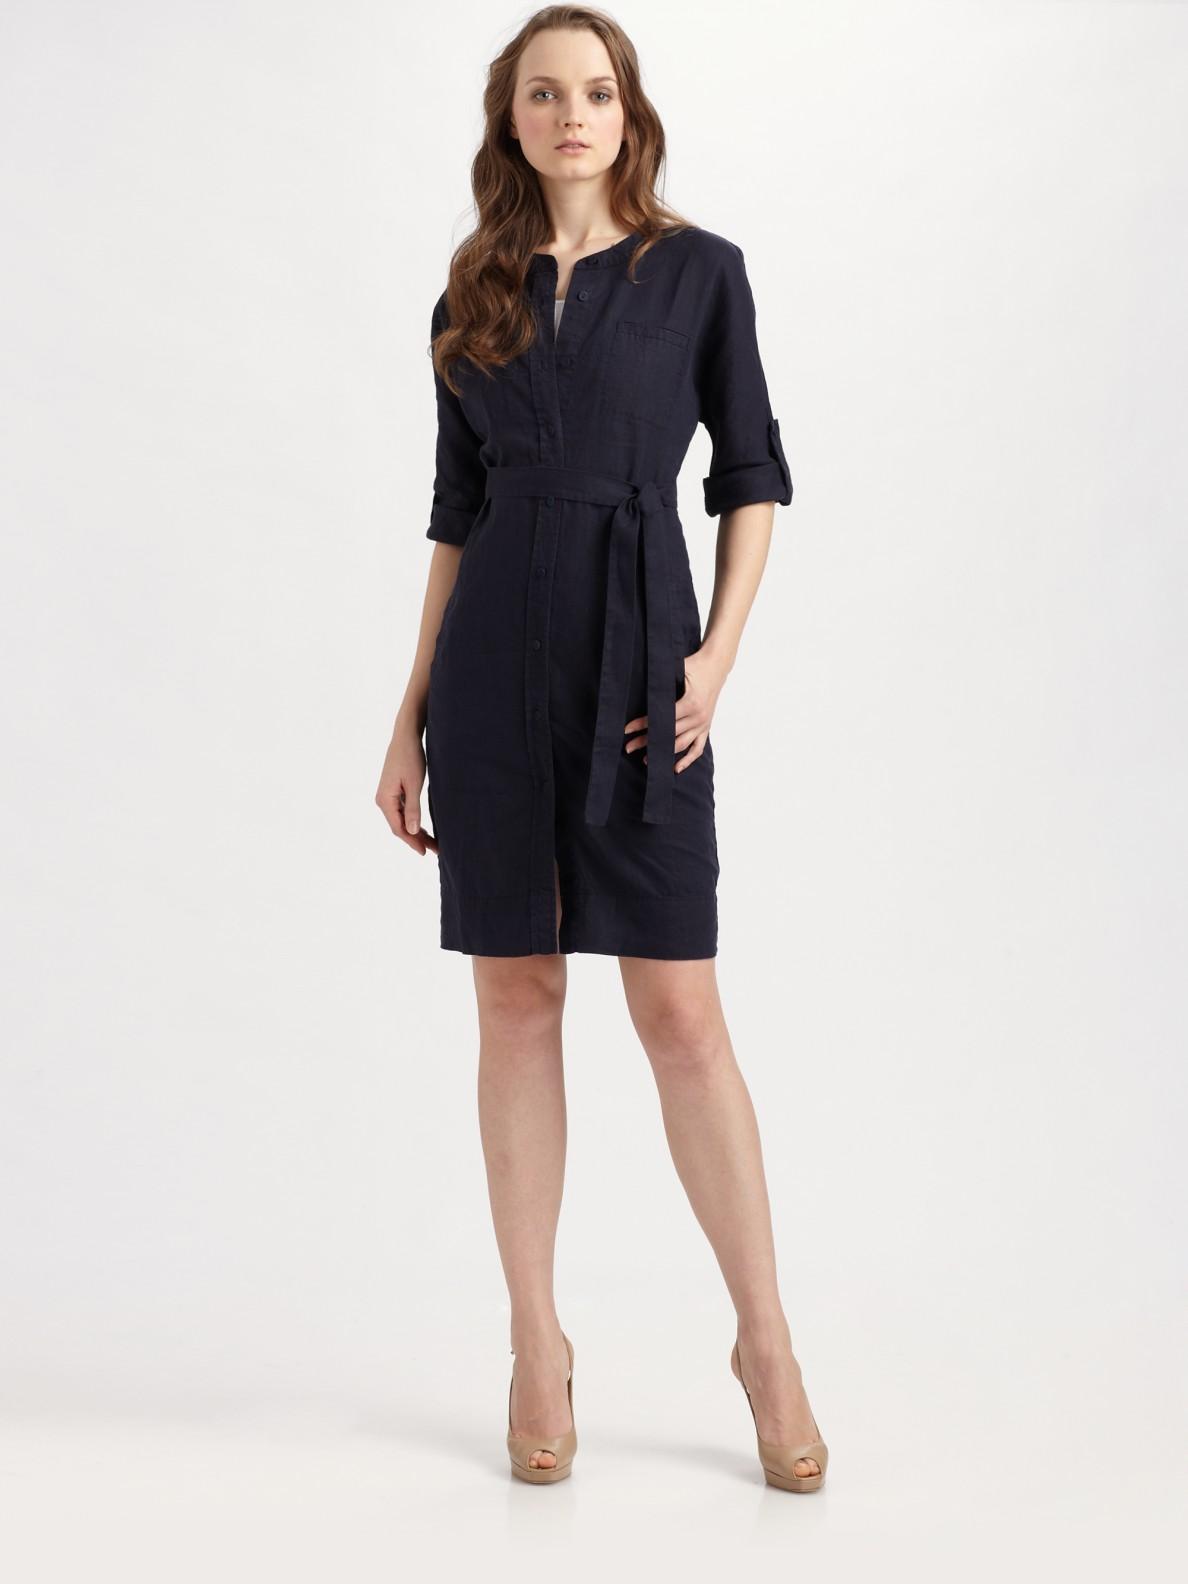 a194d5aed40 Eileen Fisher Organic Linen Shirt Dress in Blue - Lyst